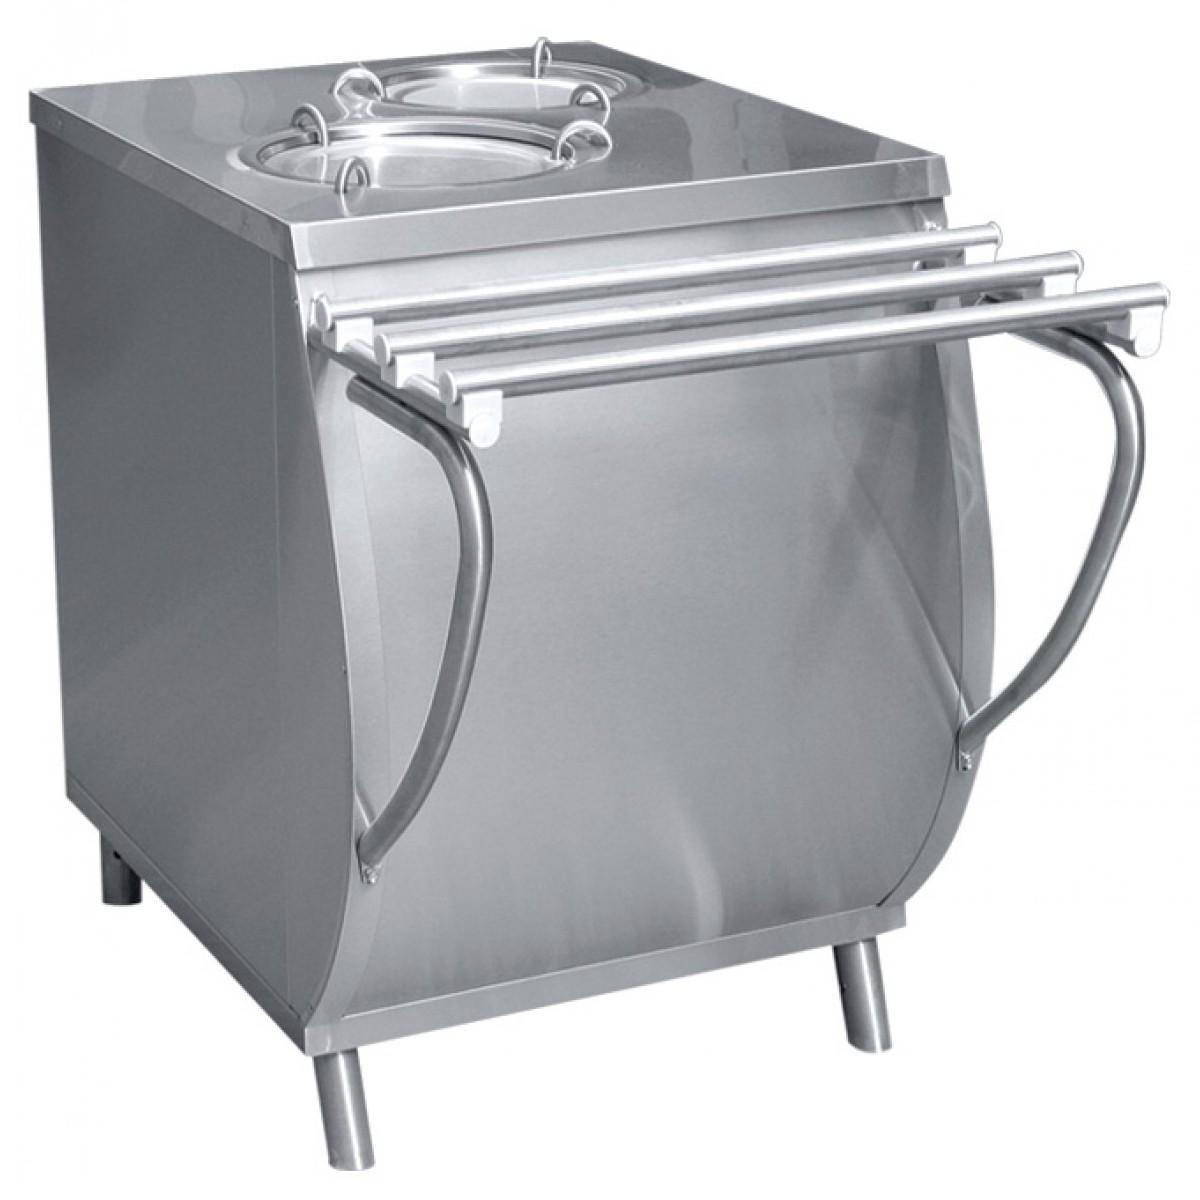 Прилавок для подогрева тарелок ABAT ПТЭ-70Т-80